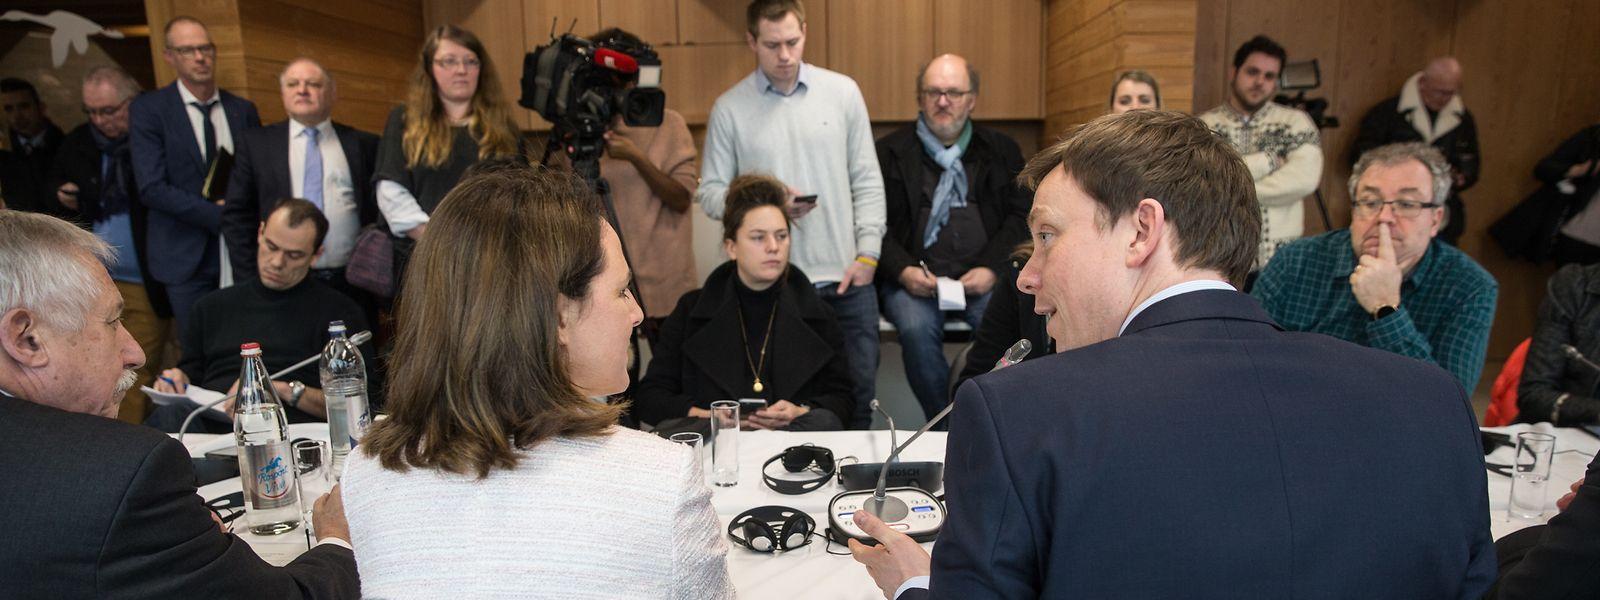 Stabwechsel beim 16. Gipfel der Großregion unter luxemburgischer Präsidentschaft: Ministerin Corinne Cahen und der saarländische Ministerpräsident Tobias Hans.